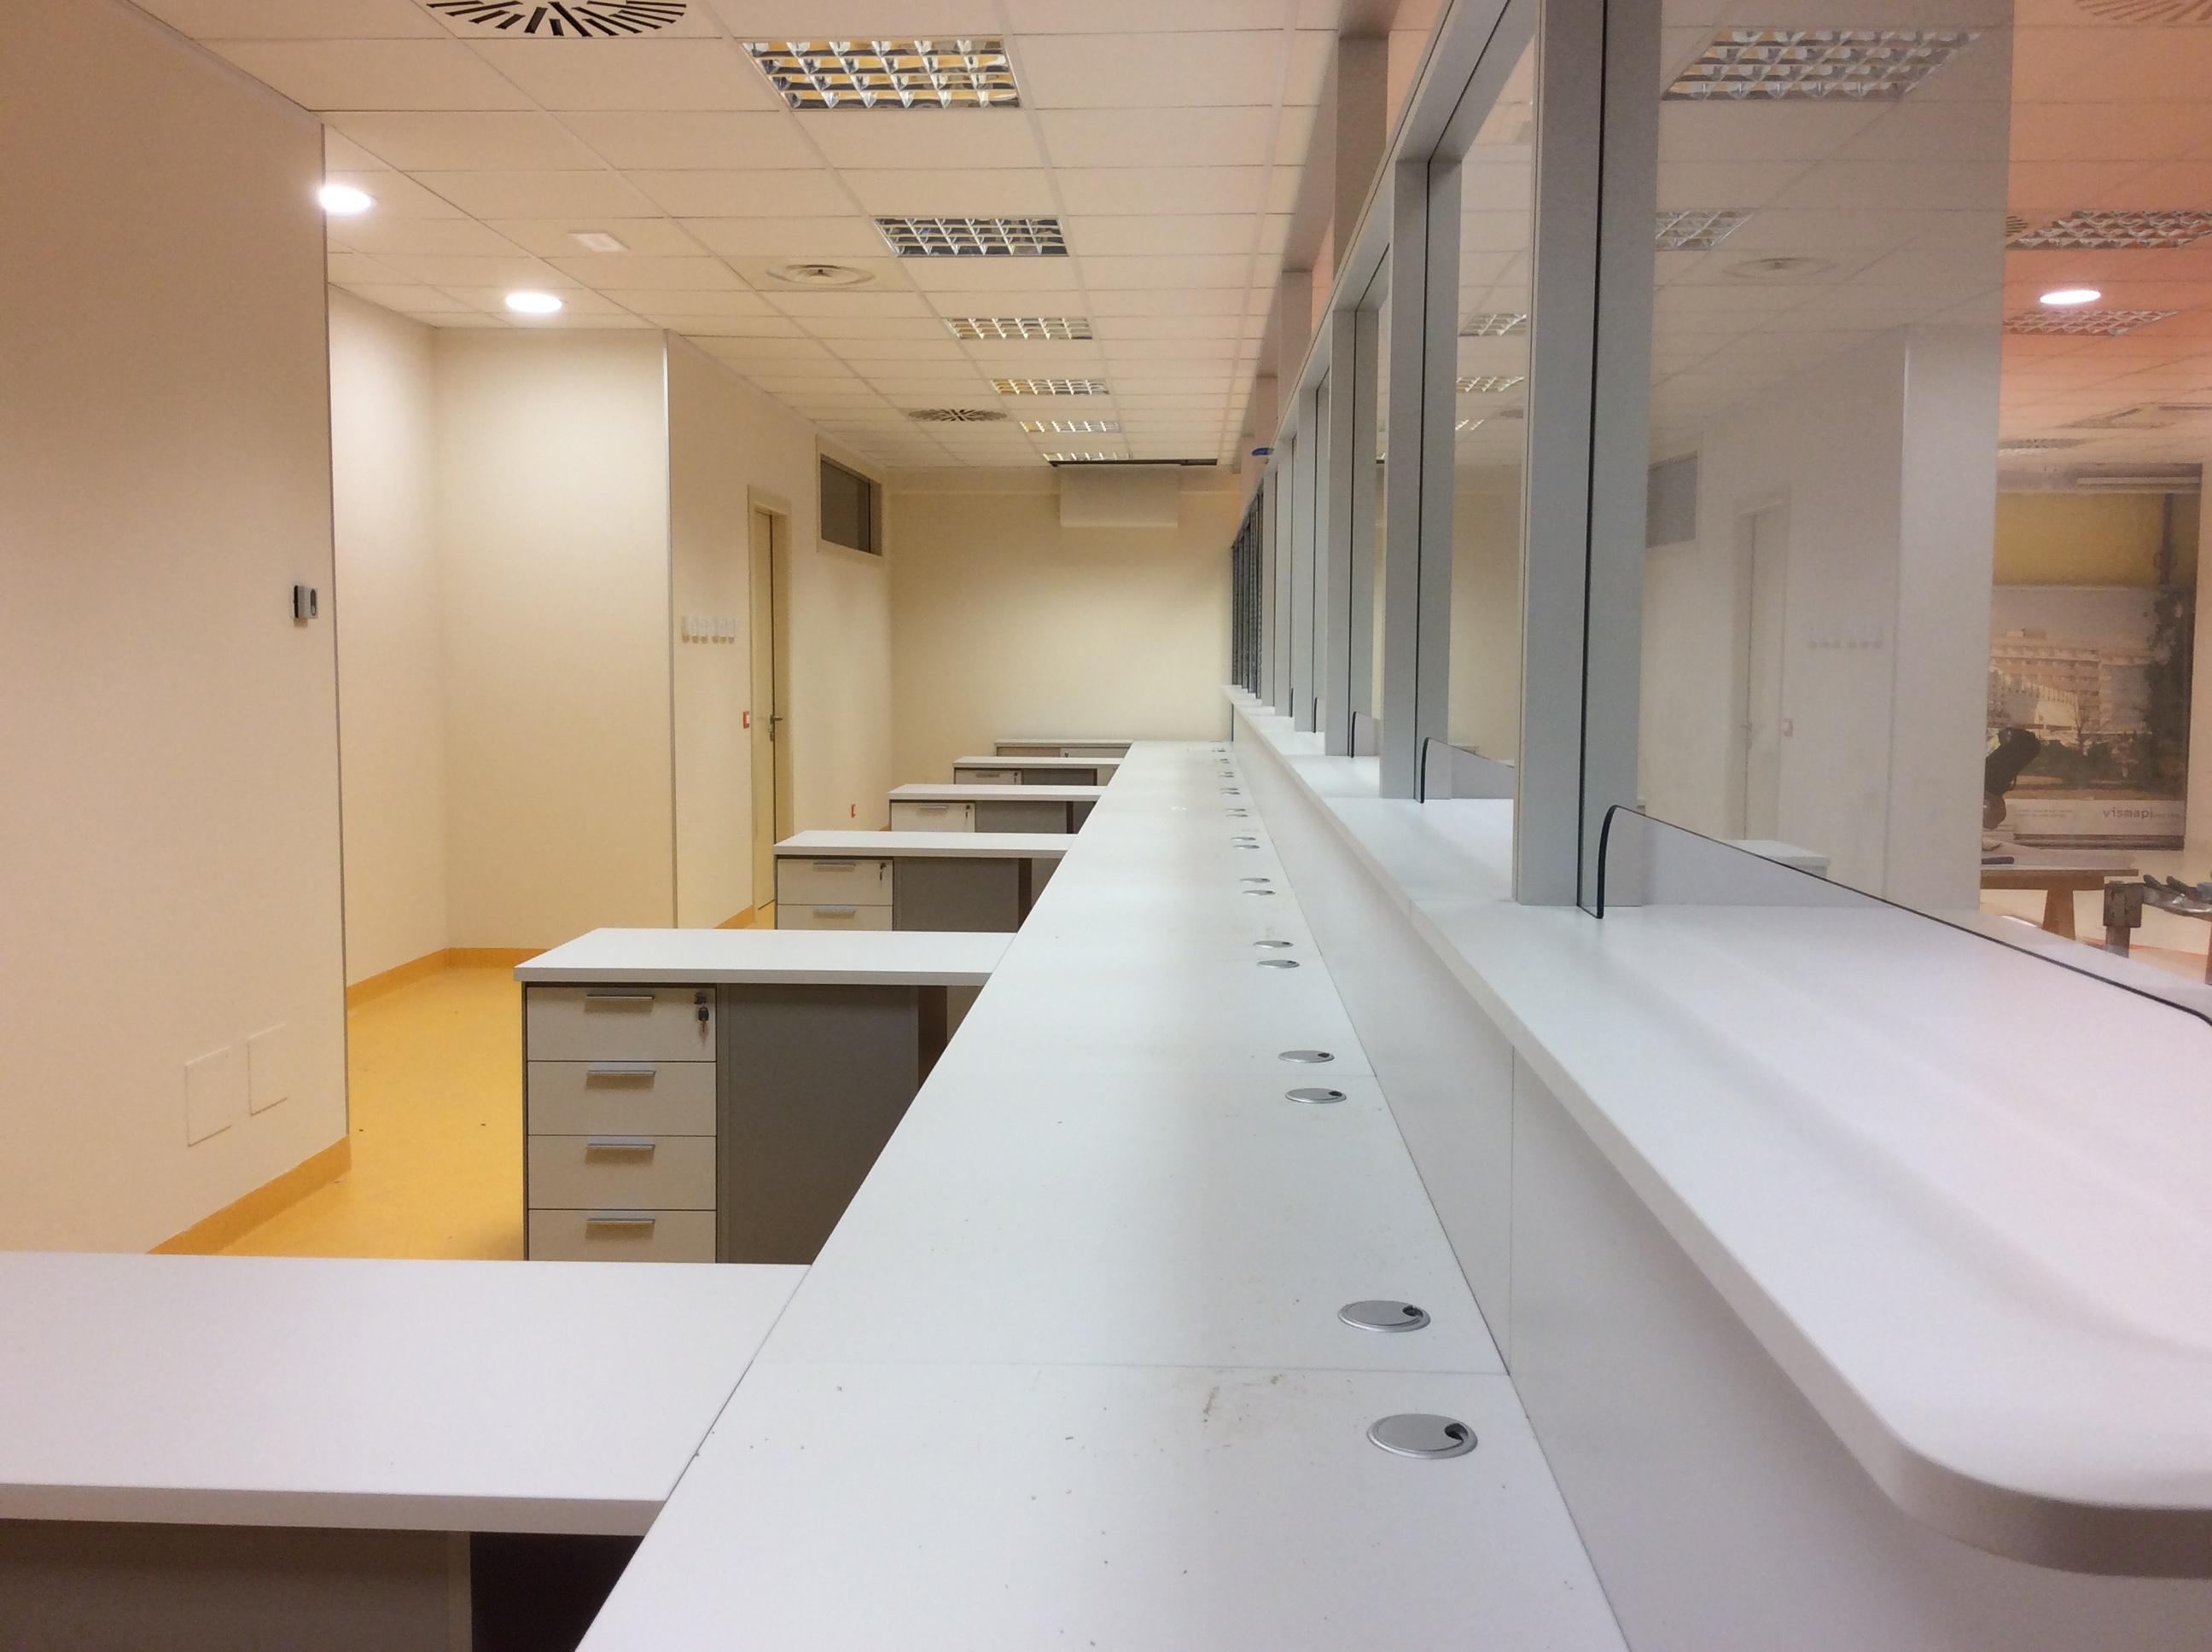 18 Arredamento ufficio accettazione ospedale - Riganelli Arredamenti (2)